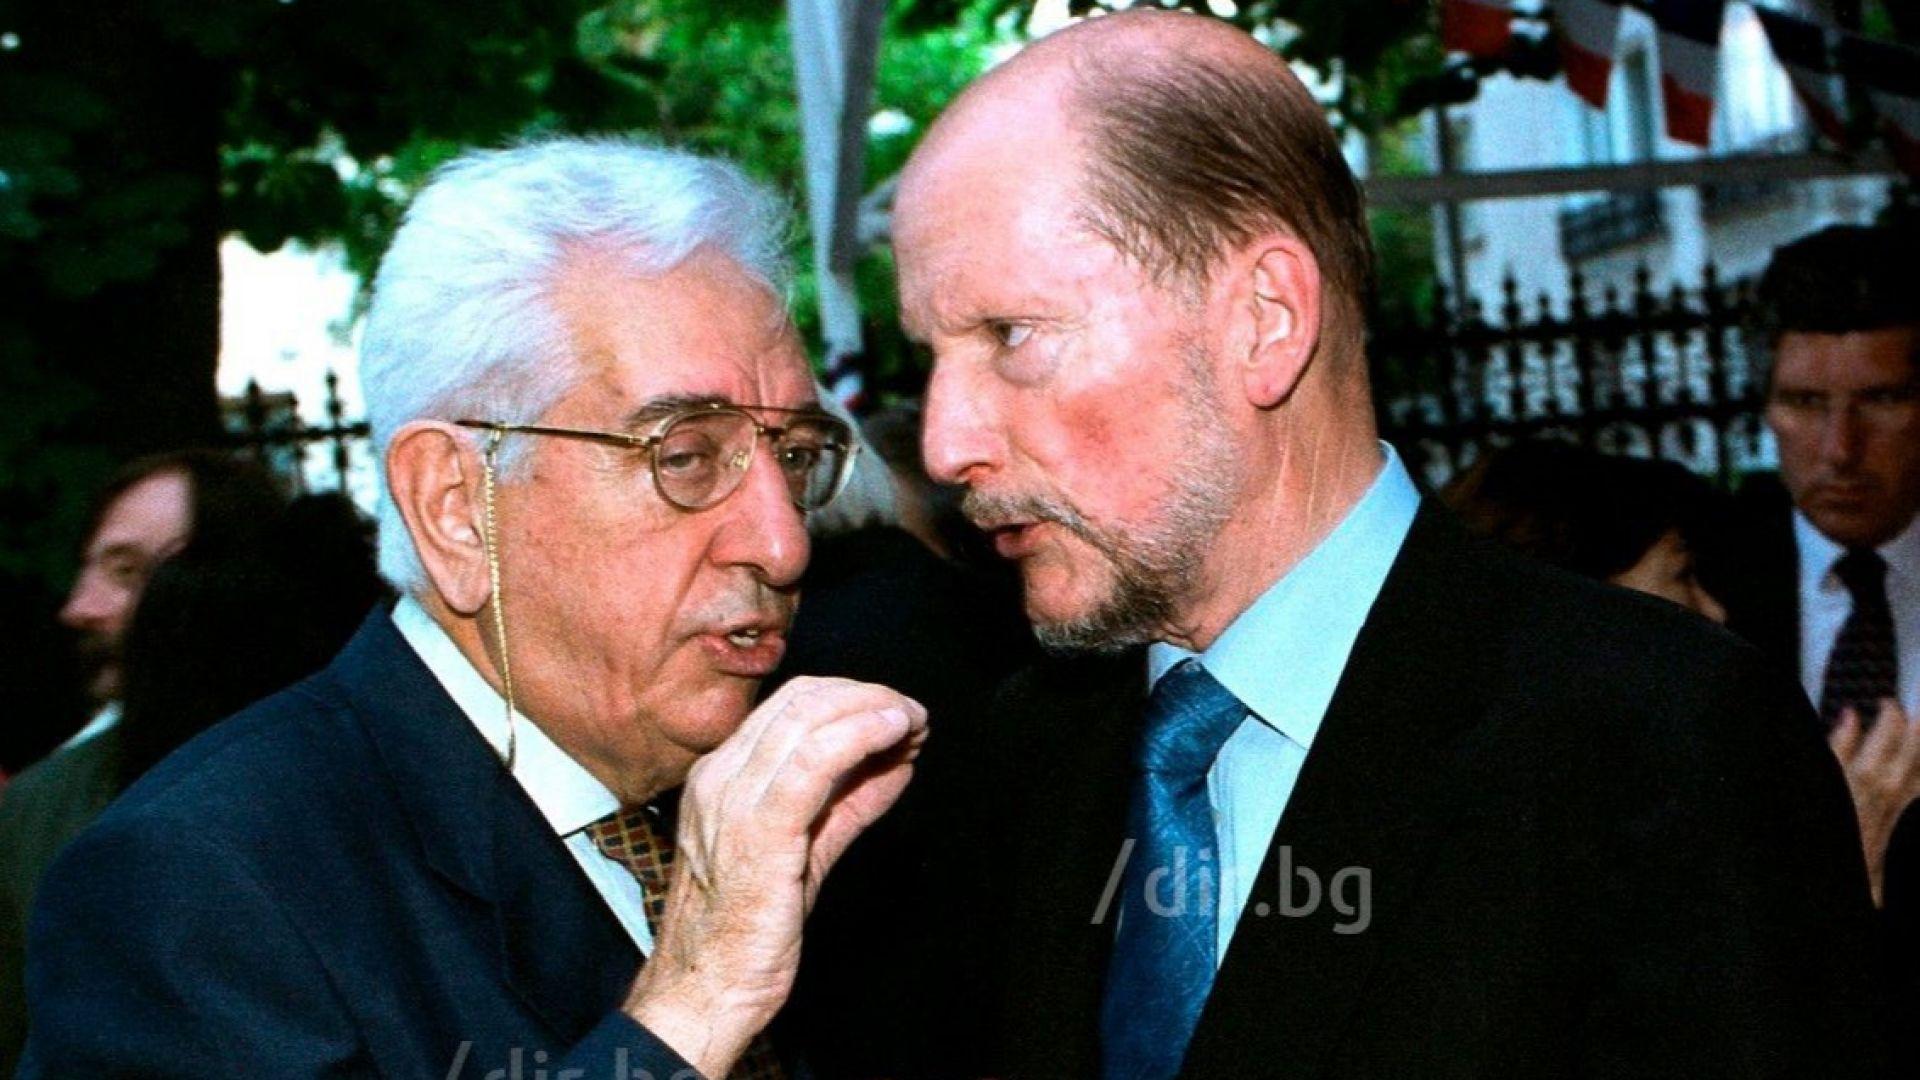 Гиньо Ганев и Симеон II на 14 юли 2001 г. във френското посолство